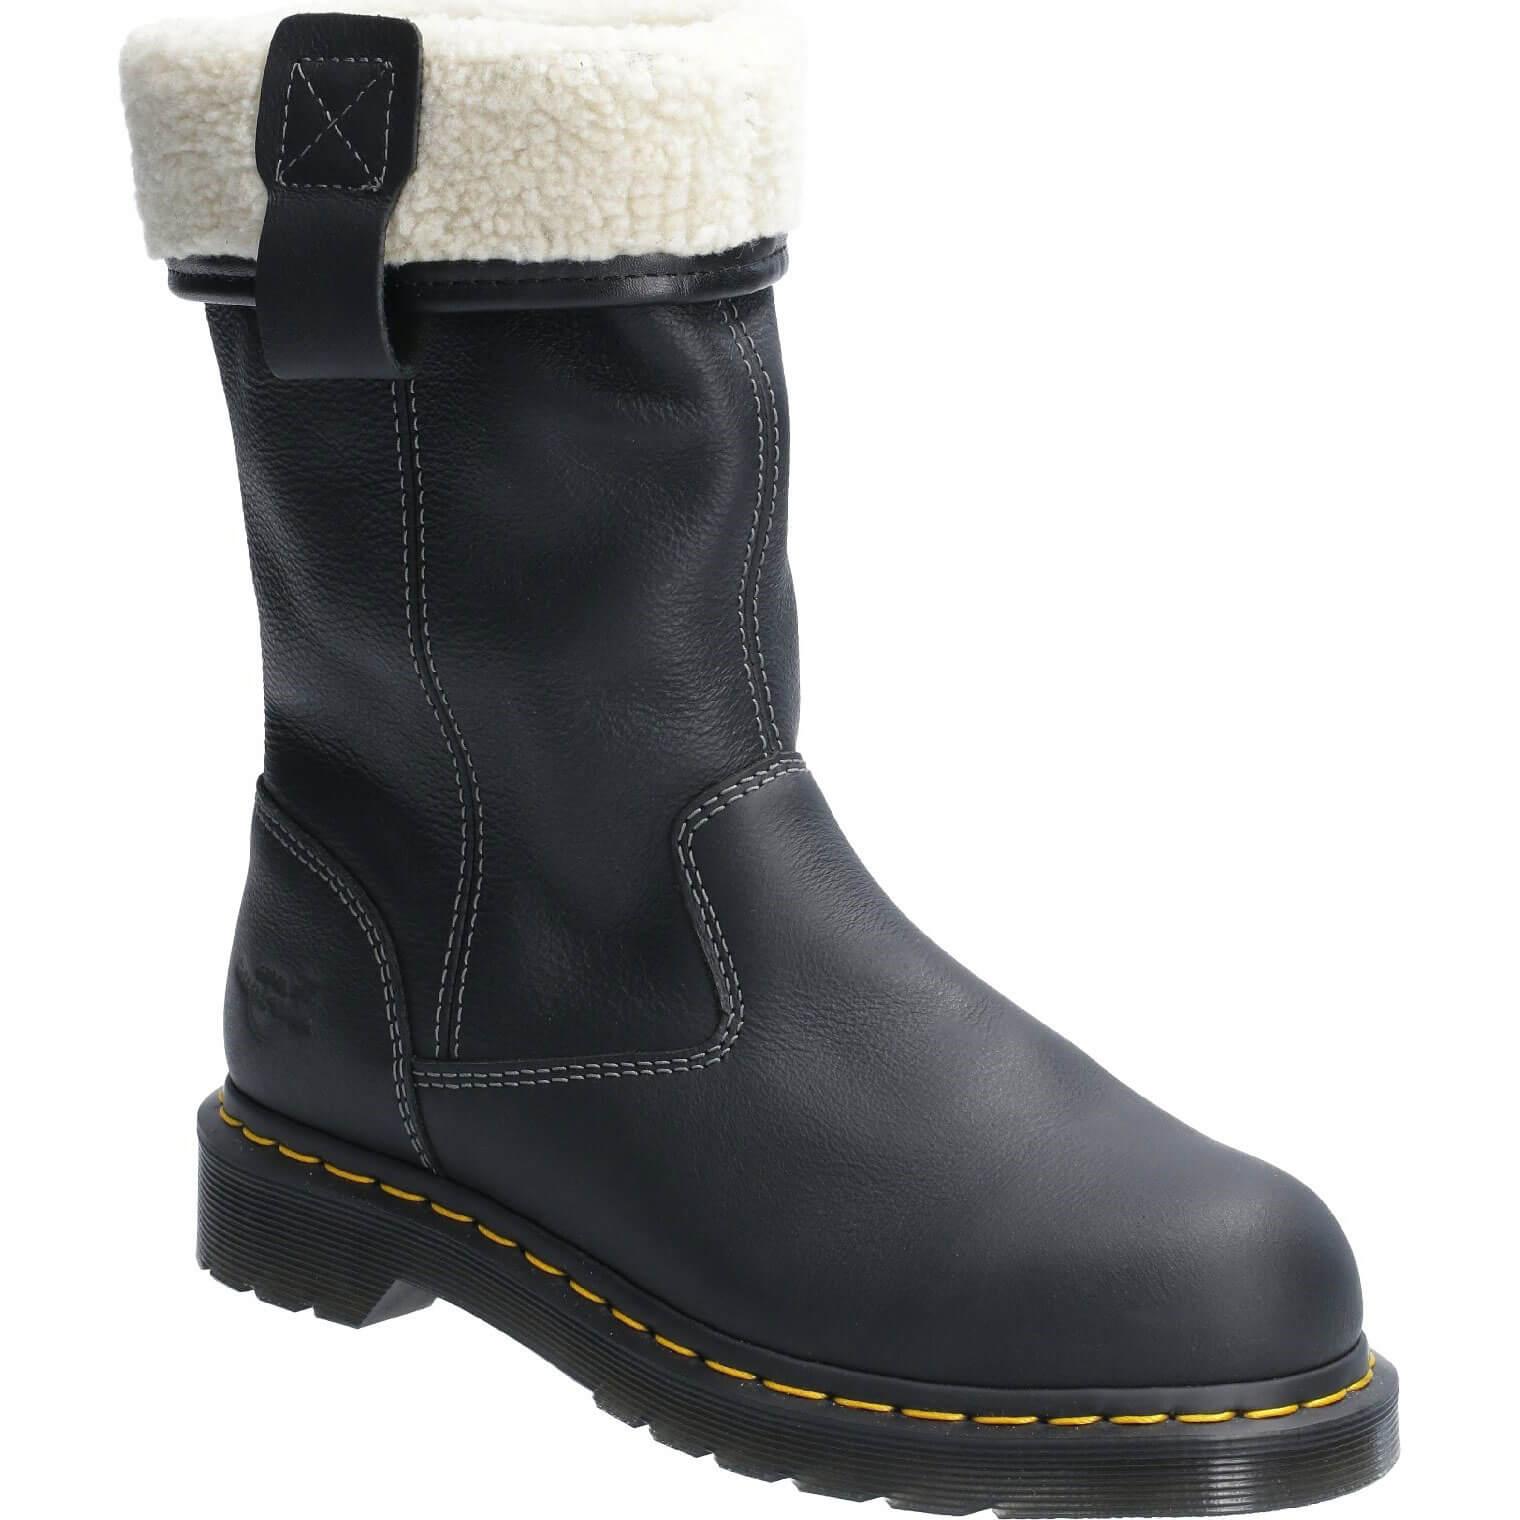 Image of Dr Martens Belsay Slip On Safety Boot Black Size 3